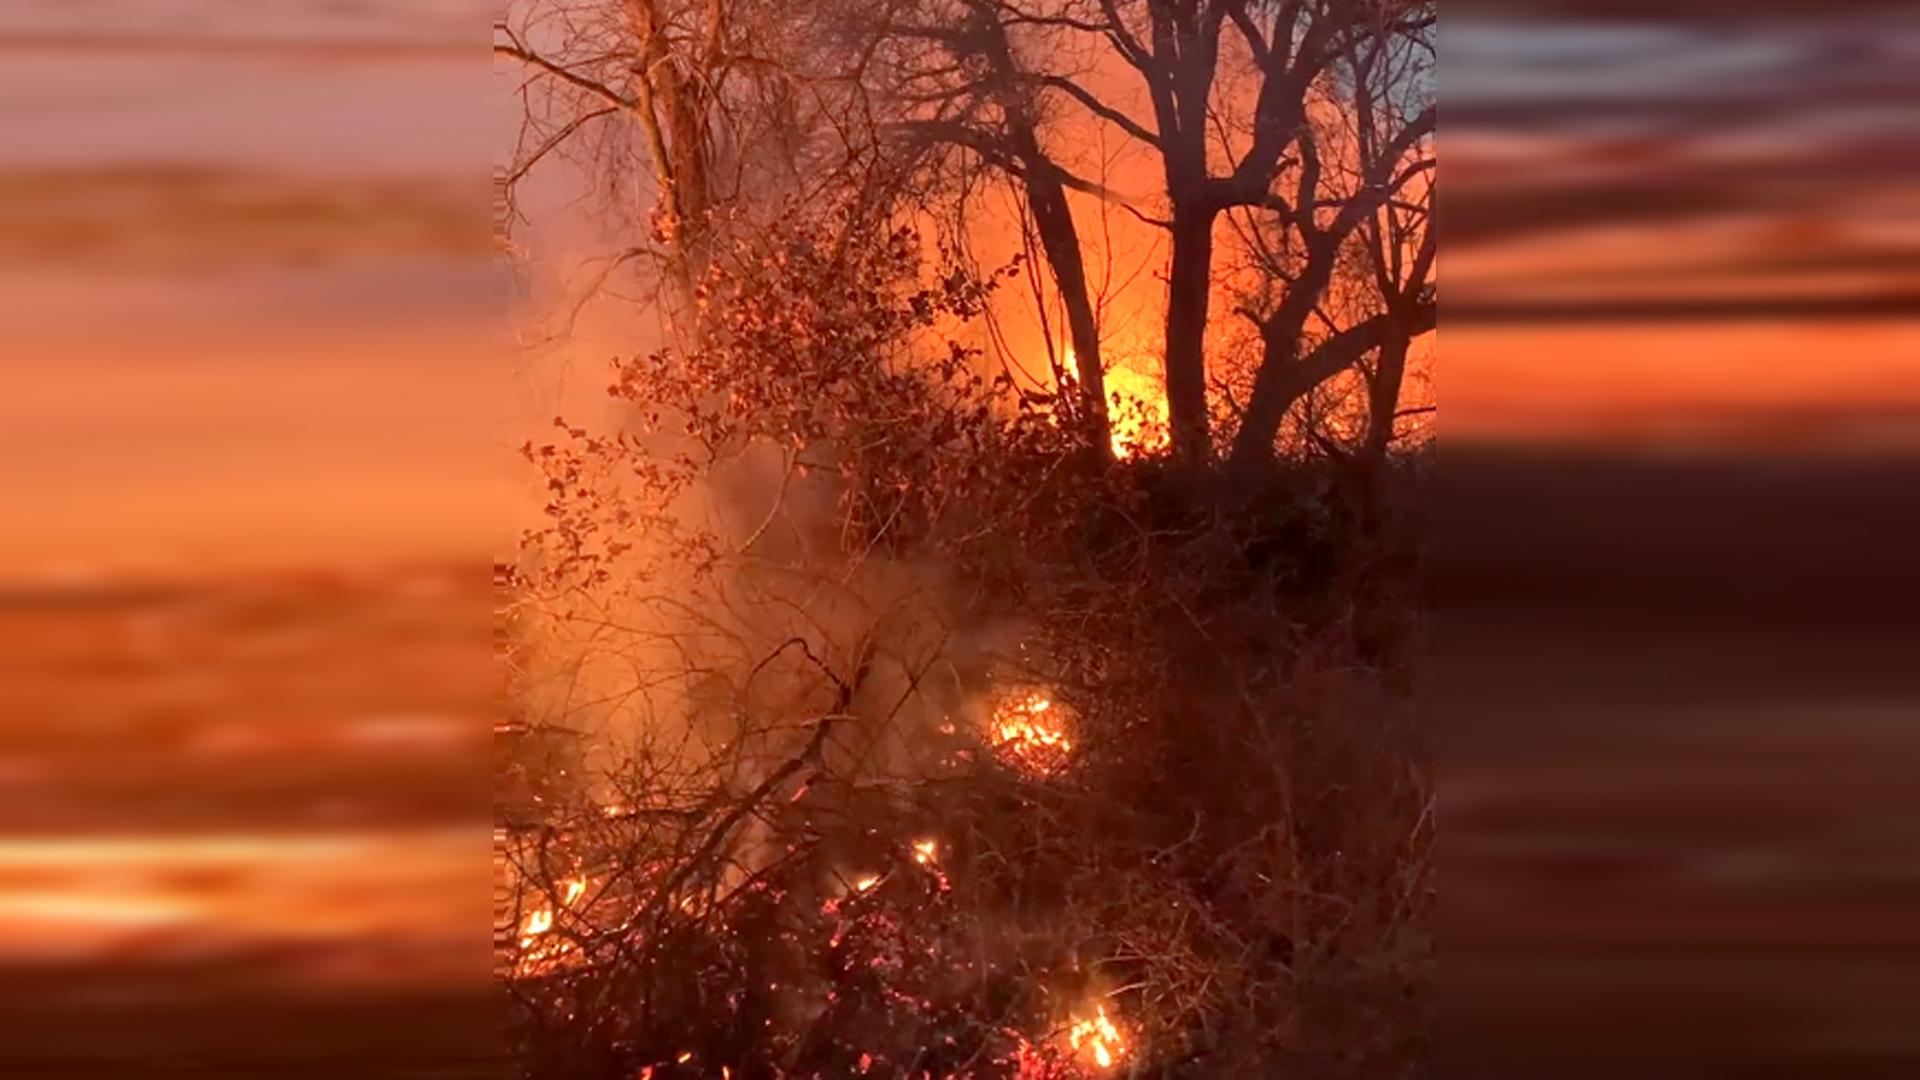 La Niña to increase risk of wildland fires in the US